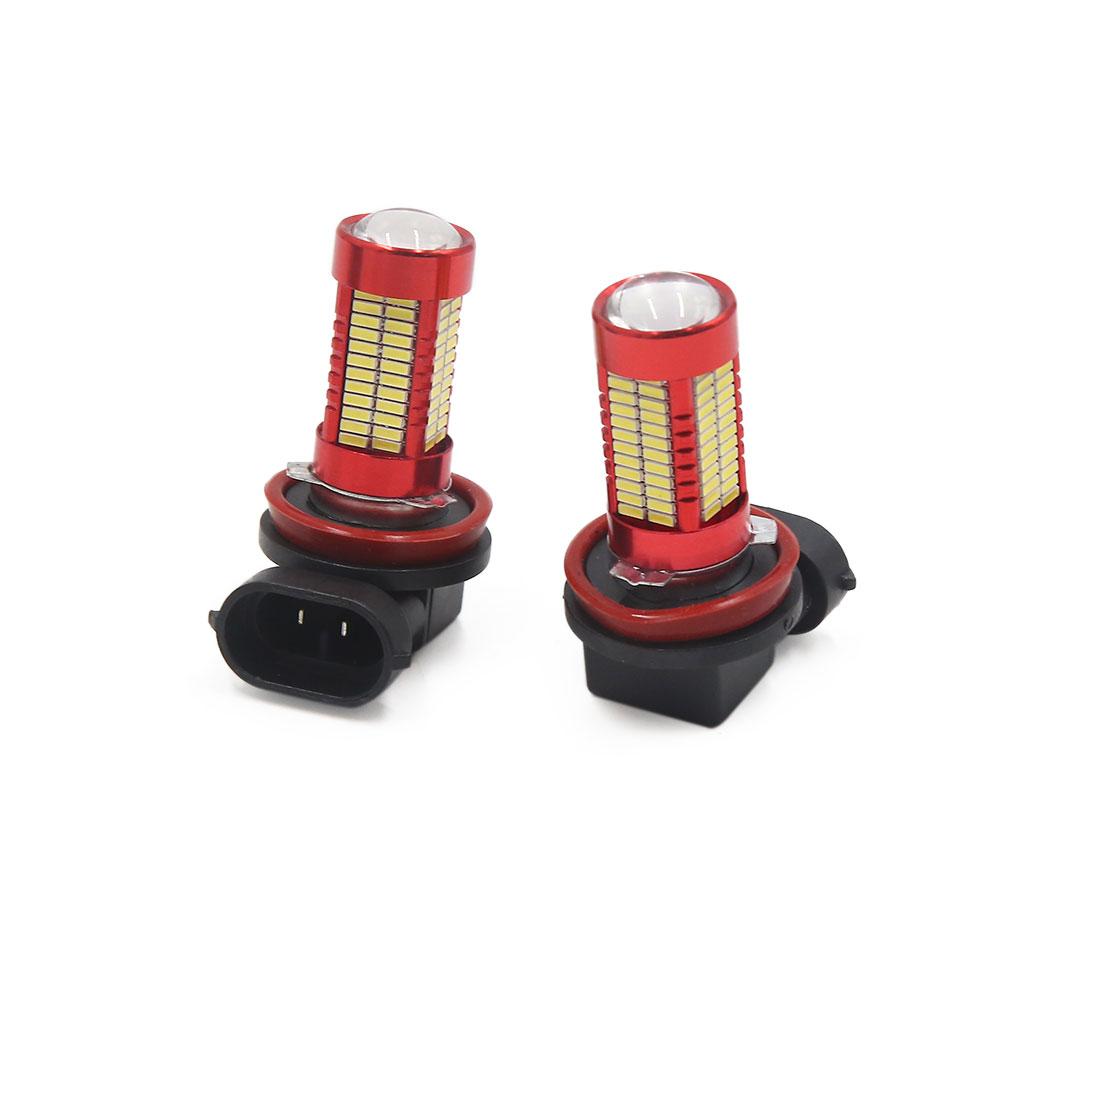 2pcs H11 4014 SMD 106 White LED Fog Light Headlight Driving Lamp Bulb for Car